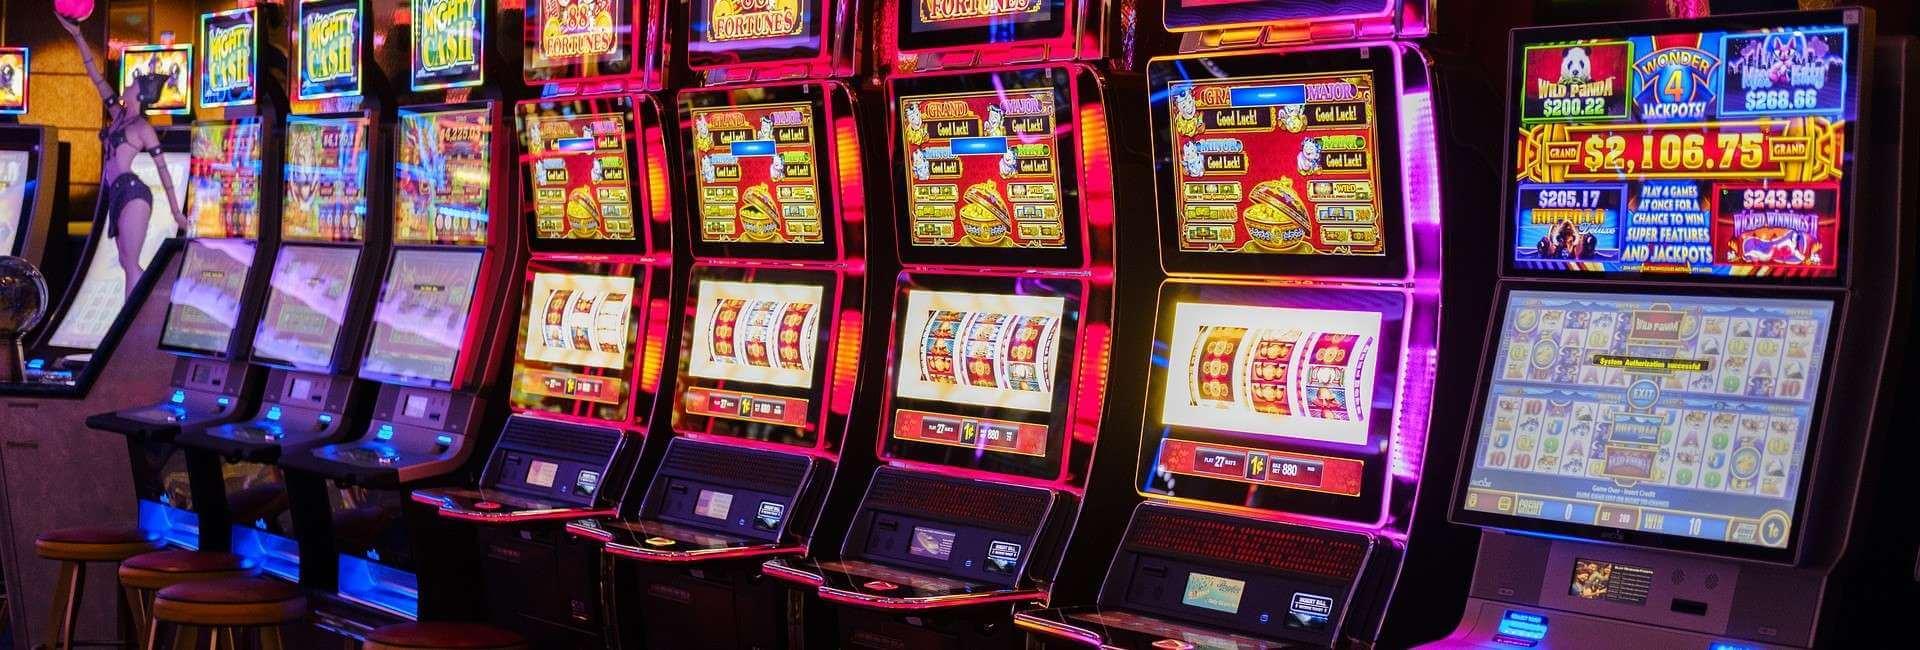 Bästa online casinospel